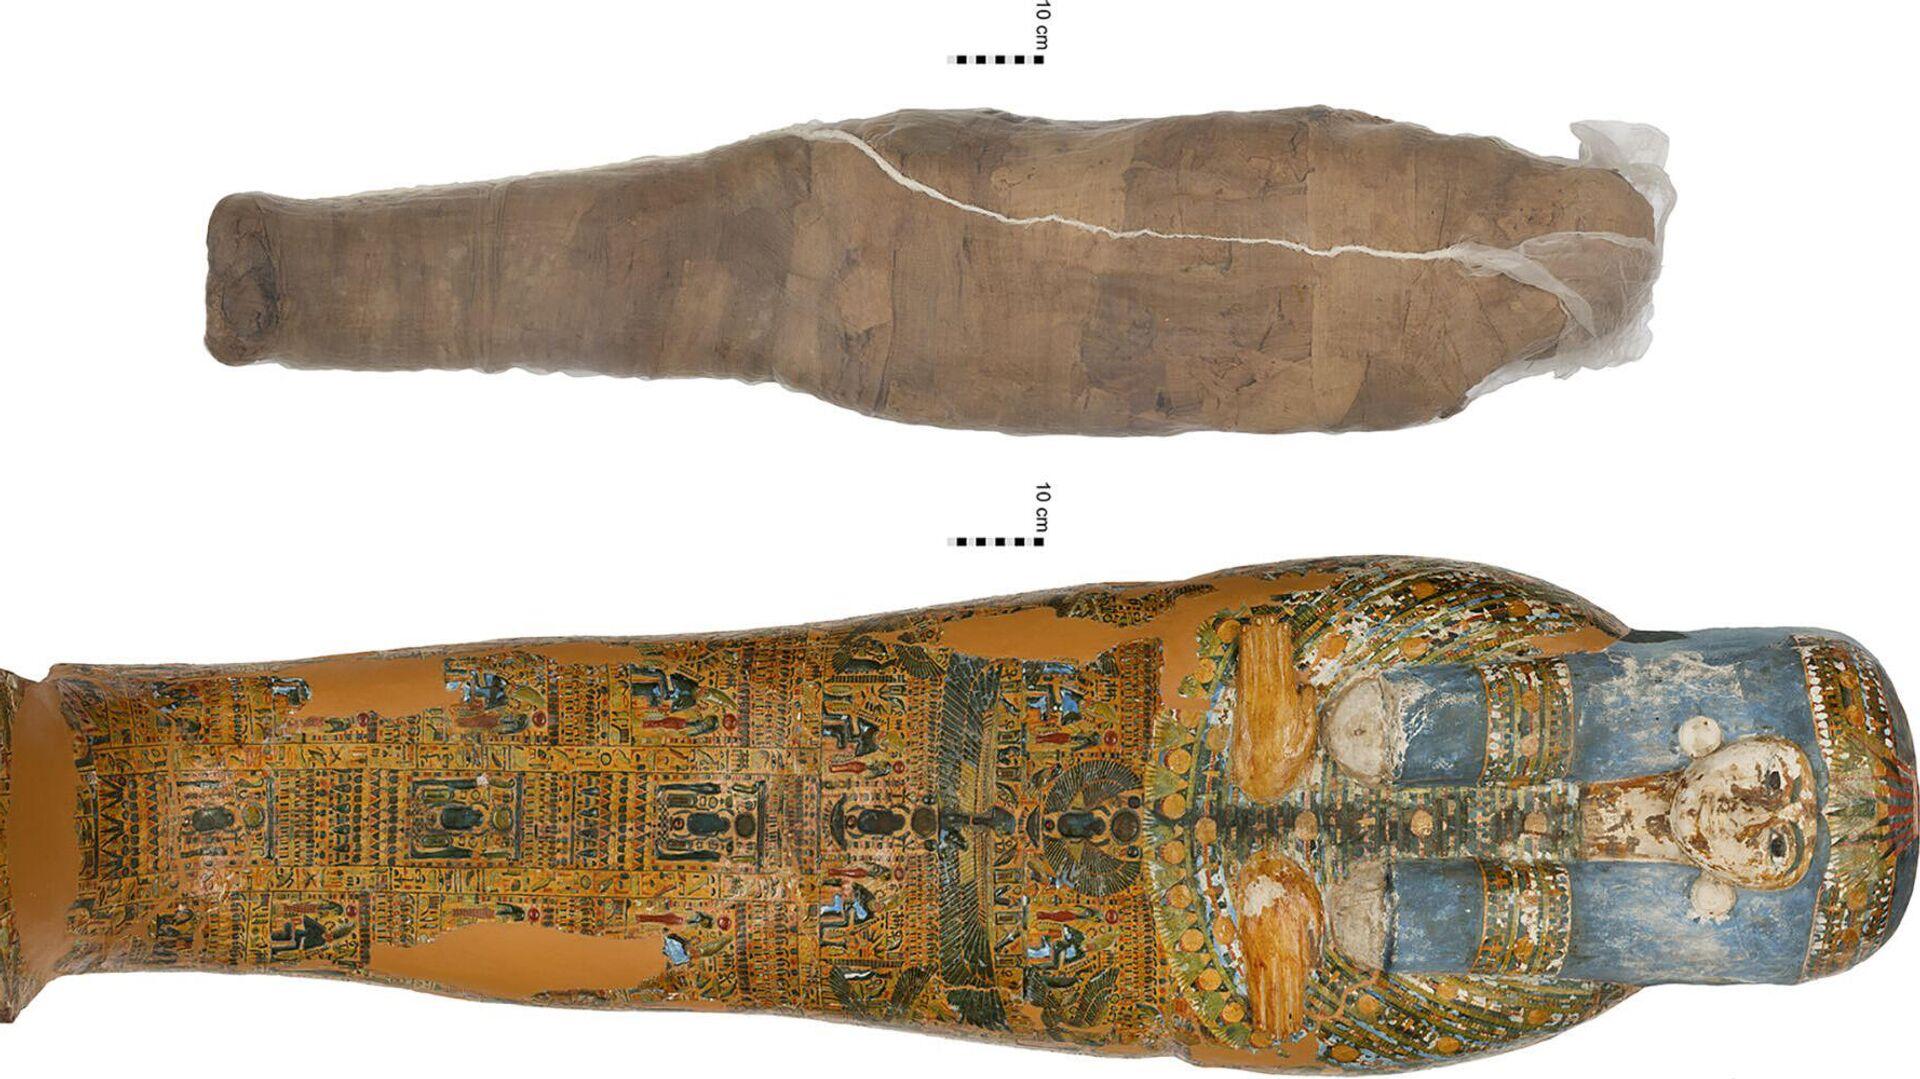 Впервые обнаружена древнеегипетская мумия в глиняной оболочке